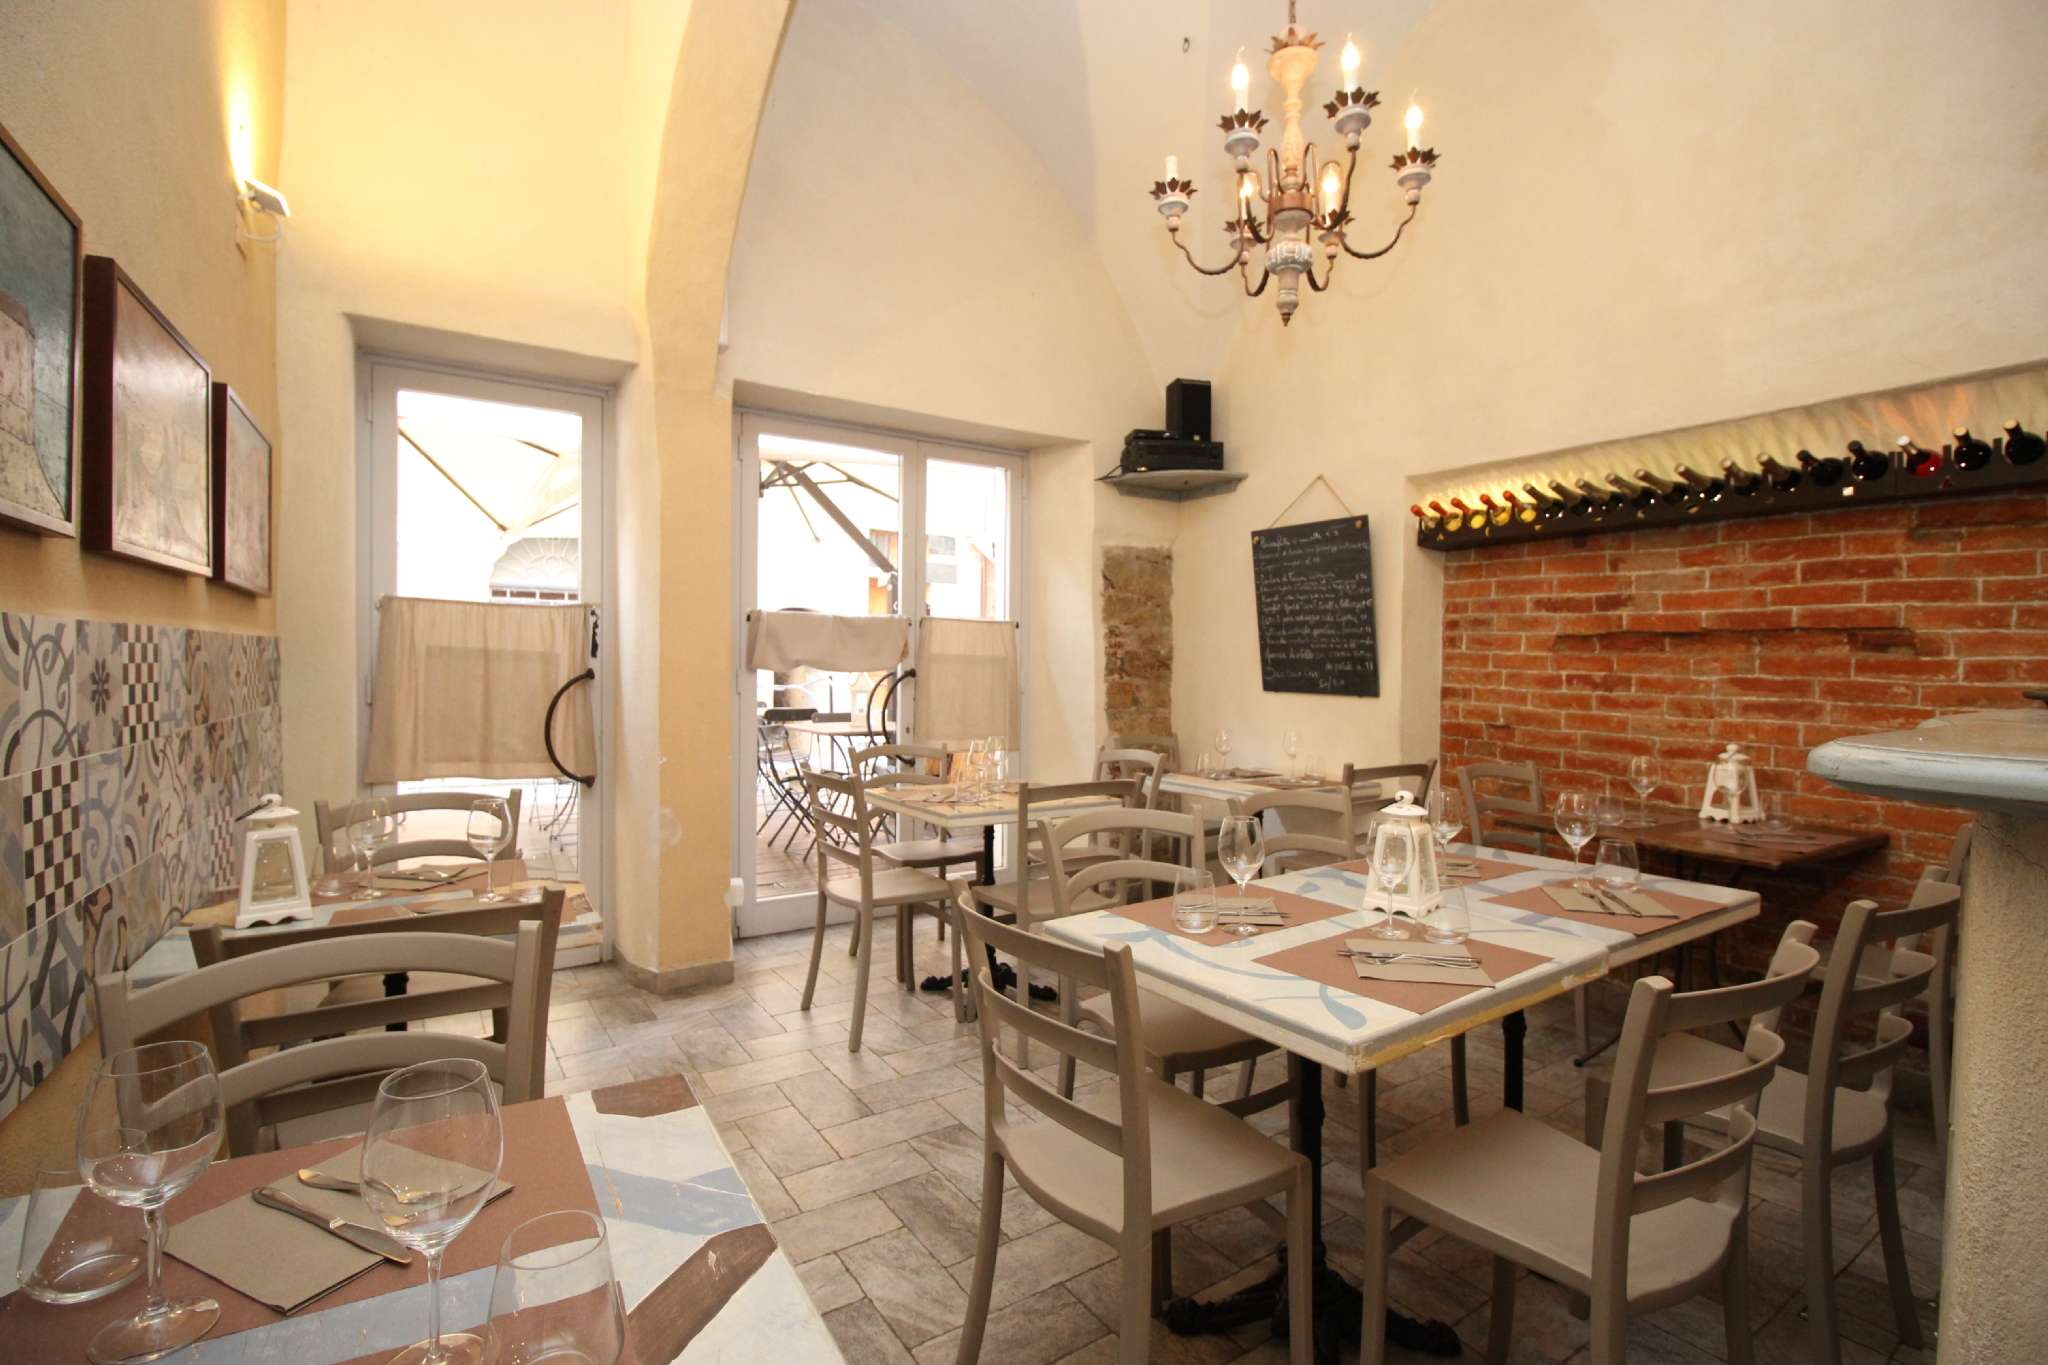 Negozio / Locale in vendita a Finale Ligure, 2 locali, prezzo € 140.000 | PortaleAgenzieImmobiliari.it